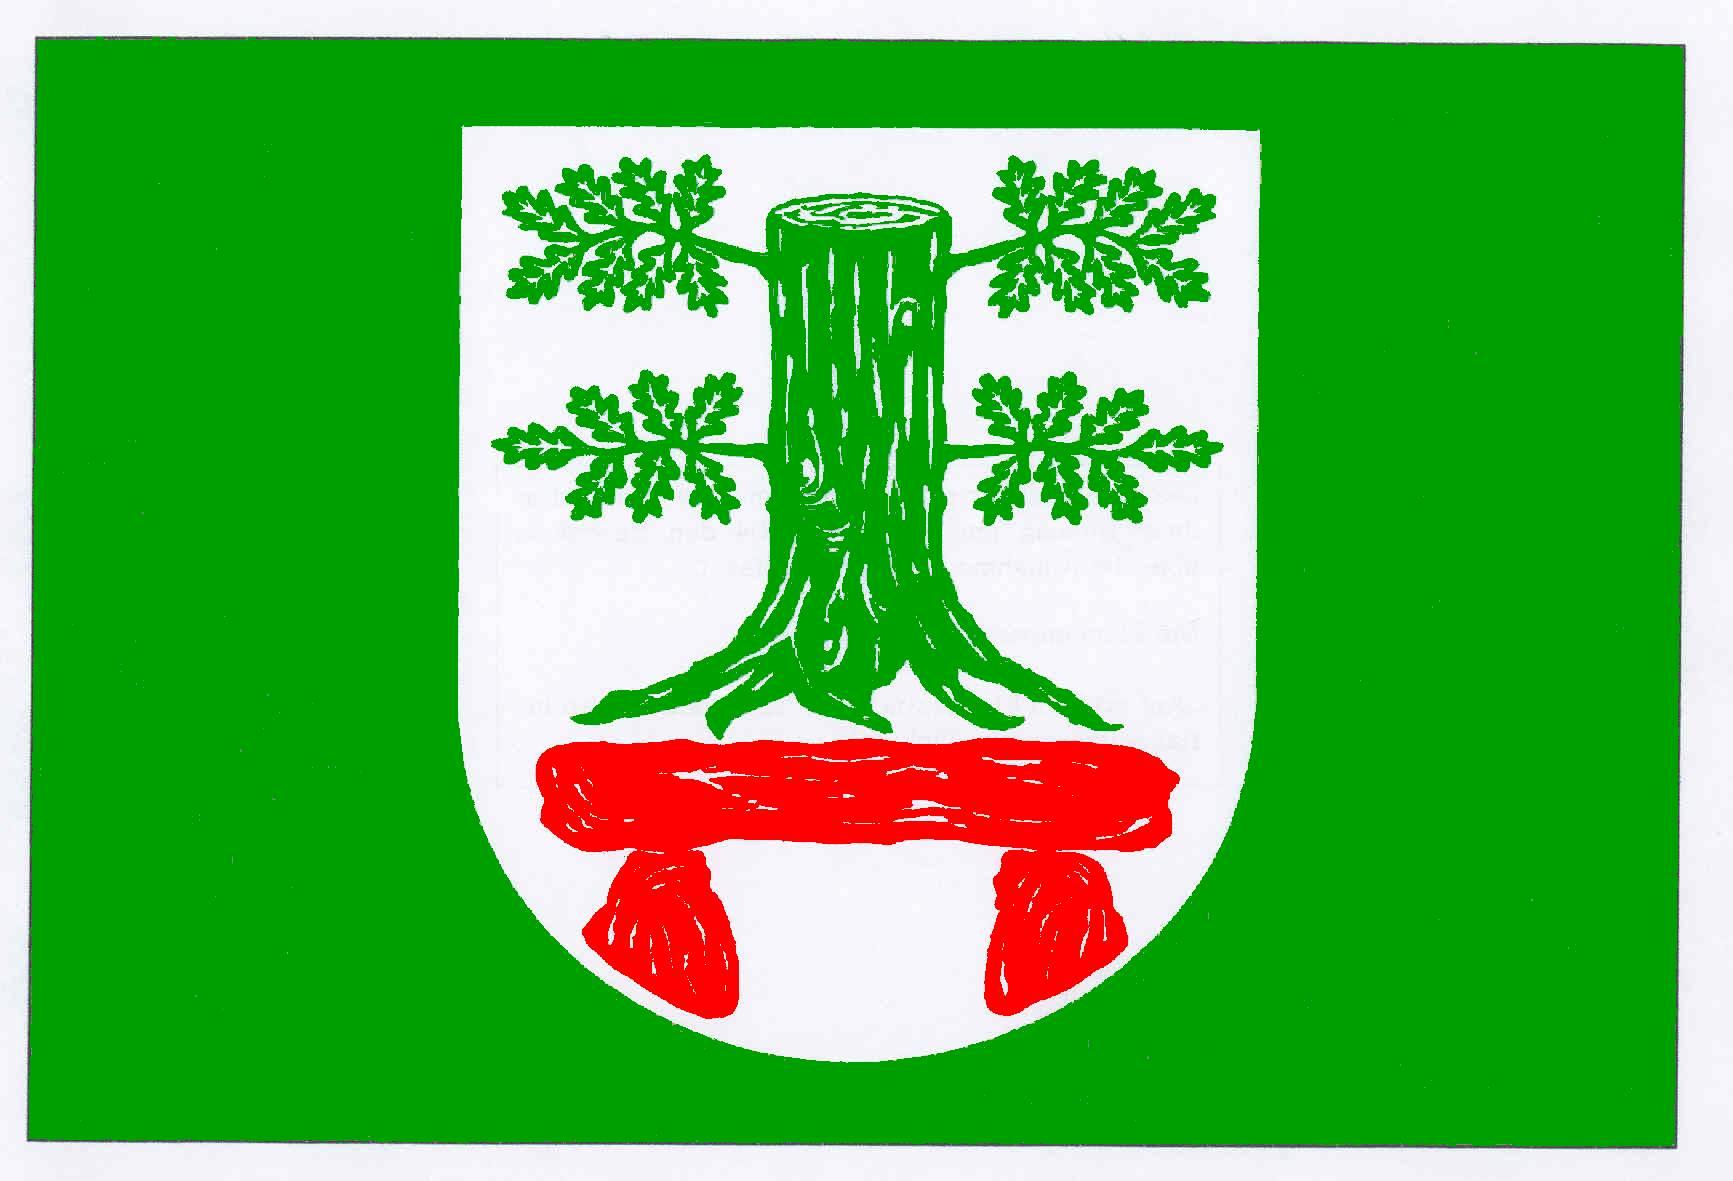 Flagge GemeindeKöhn, Kreis Plön